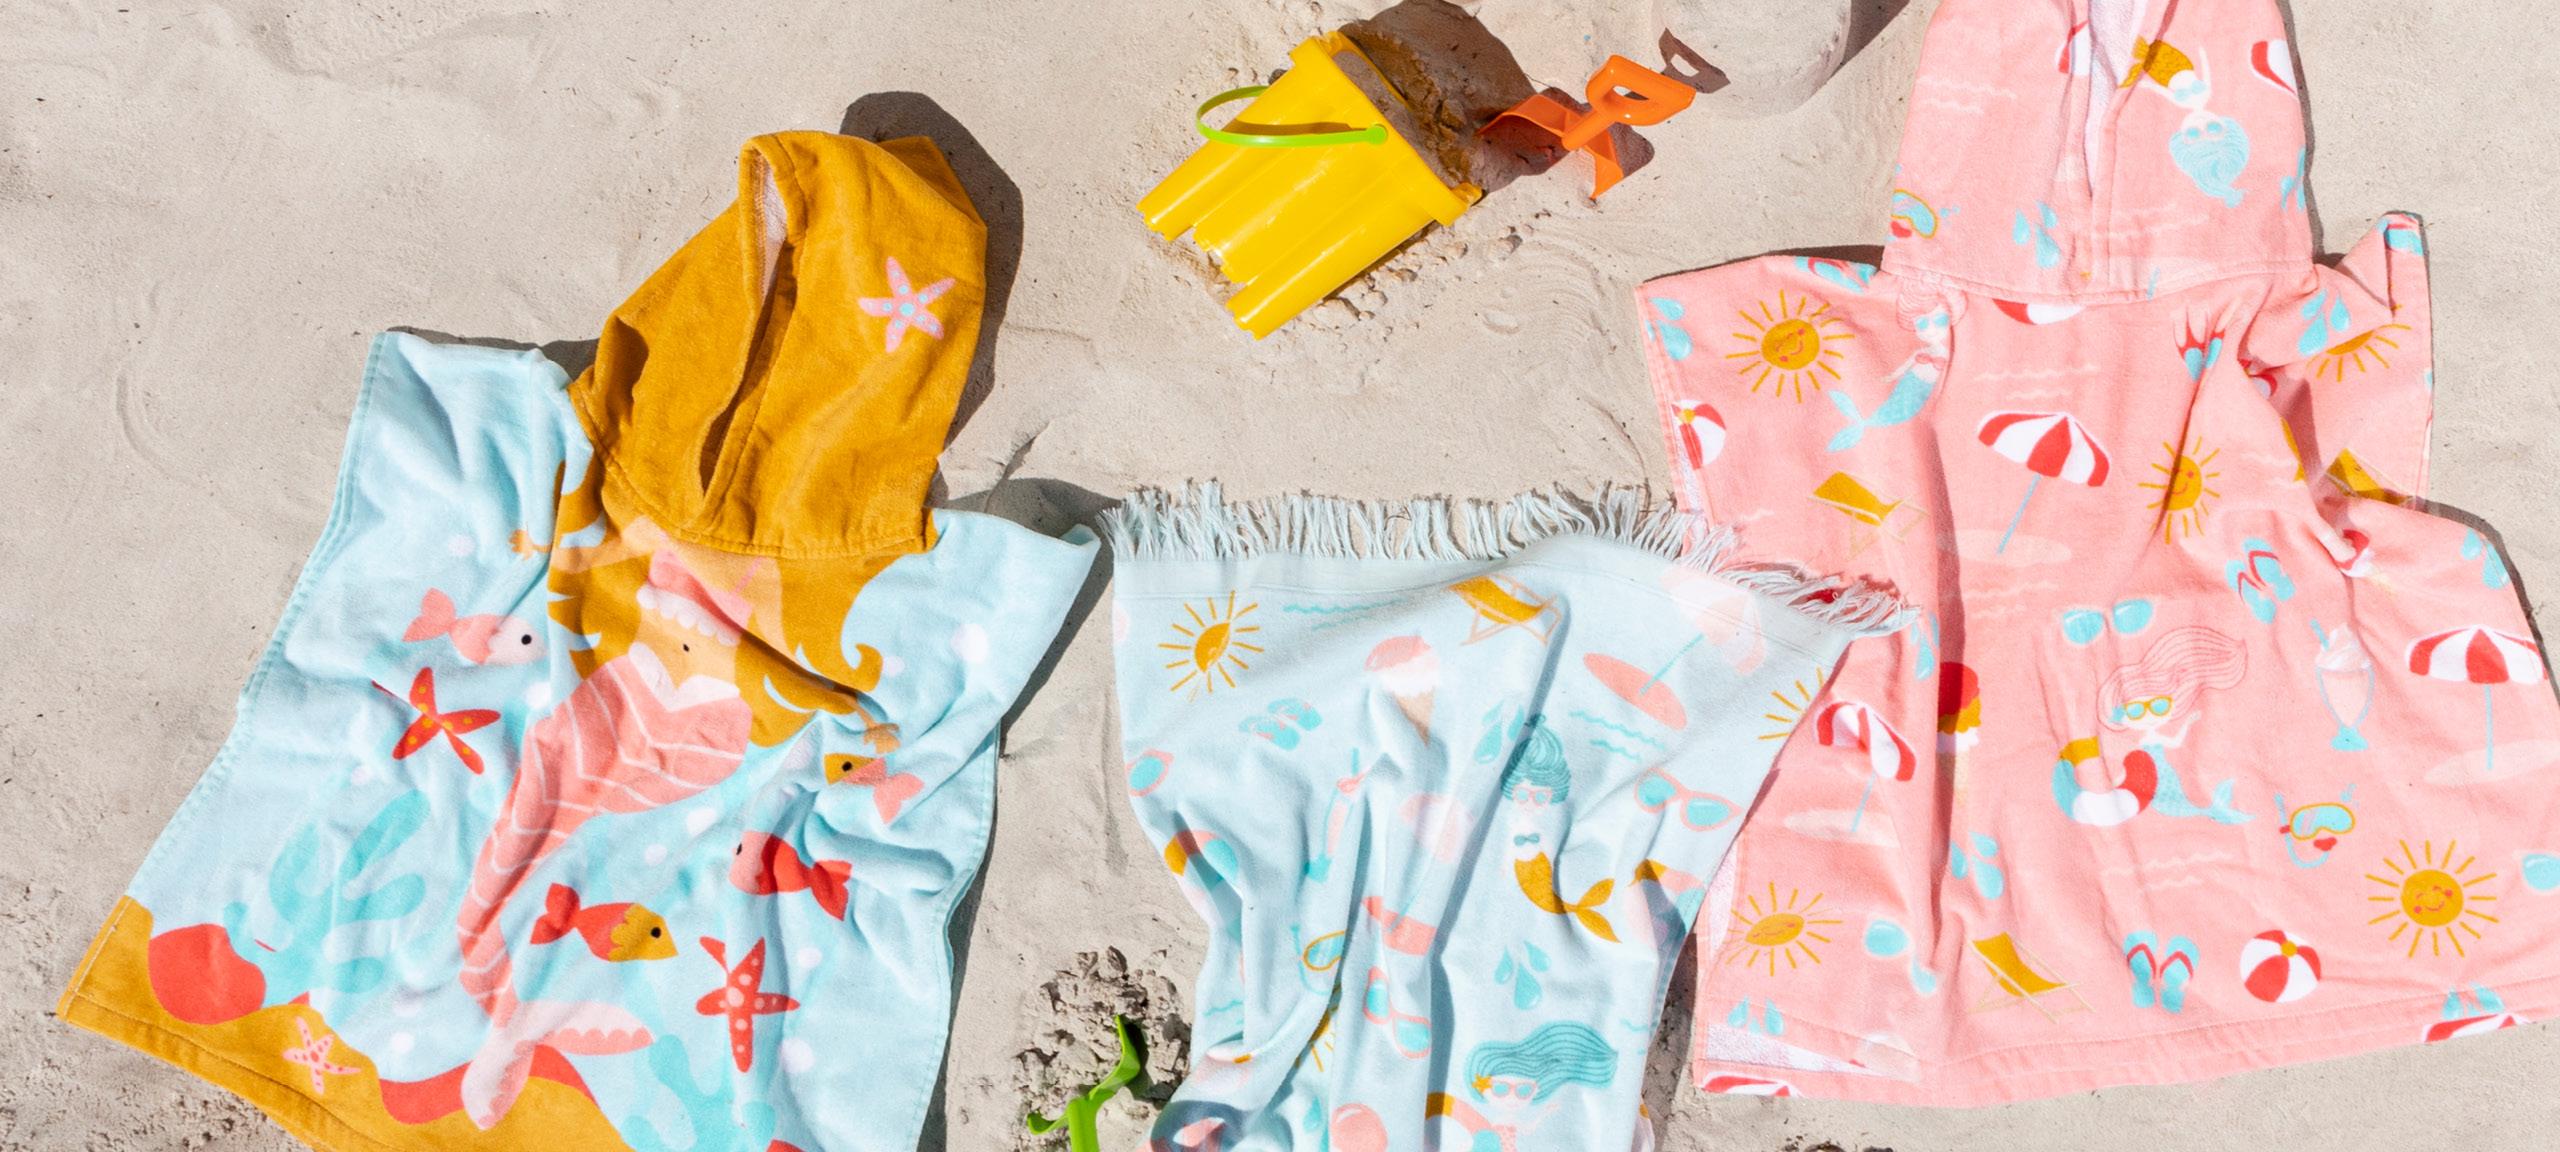 Pillow Talk hooded kids beach towels